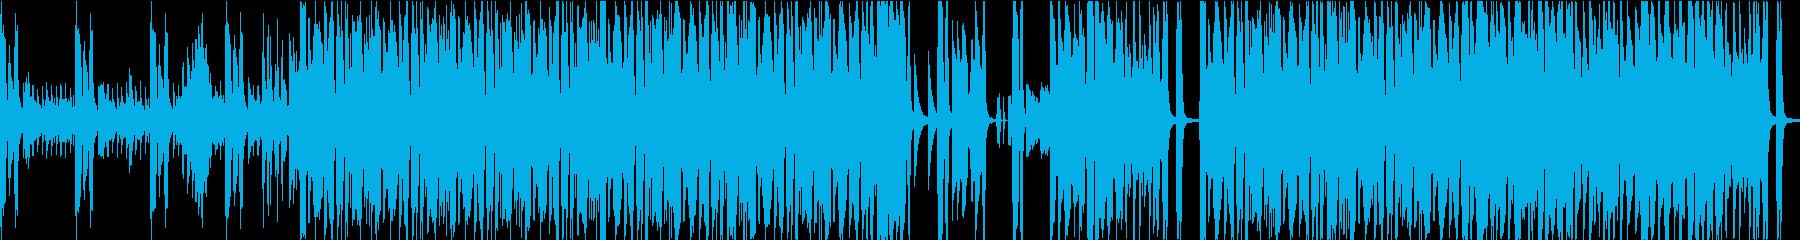 ブラスセクションメインのノリのいいジャズの再生済みの波形